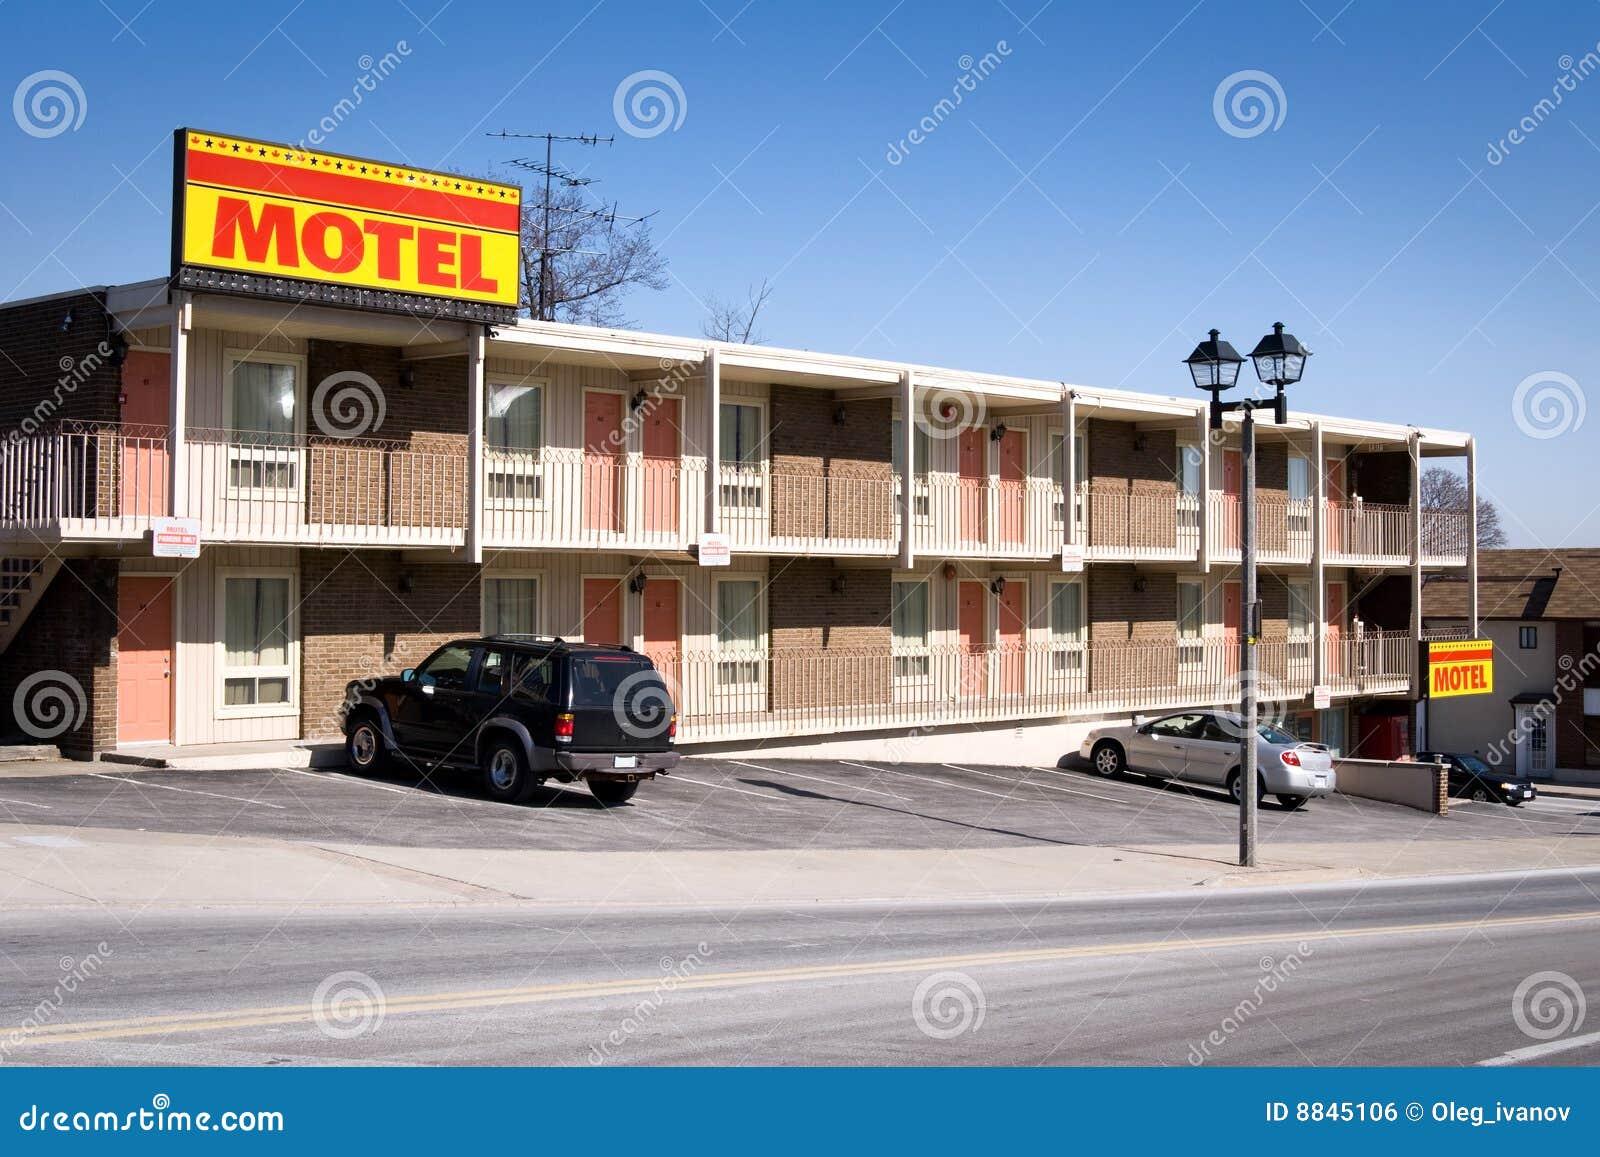 Amerikanisches Motel